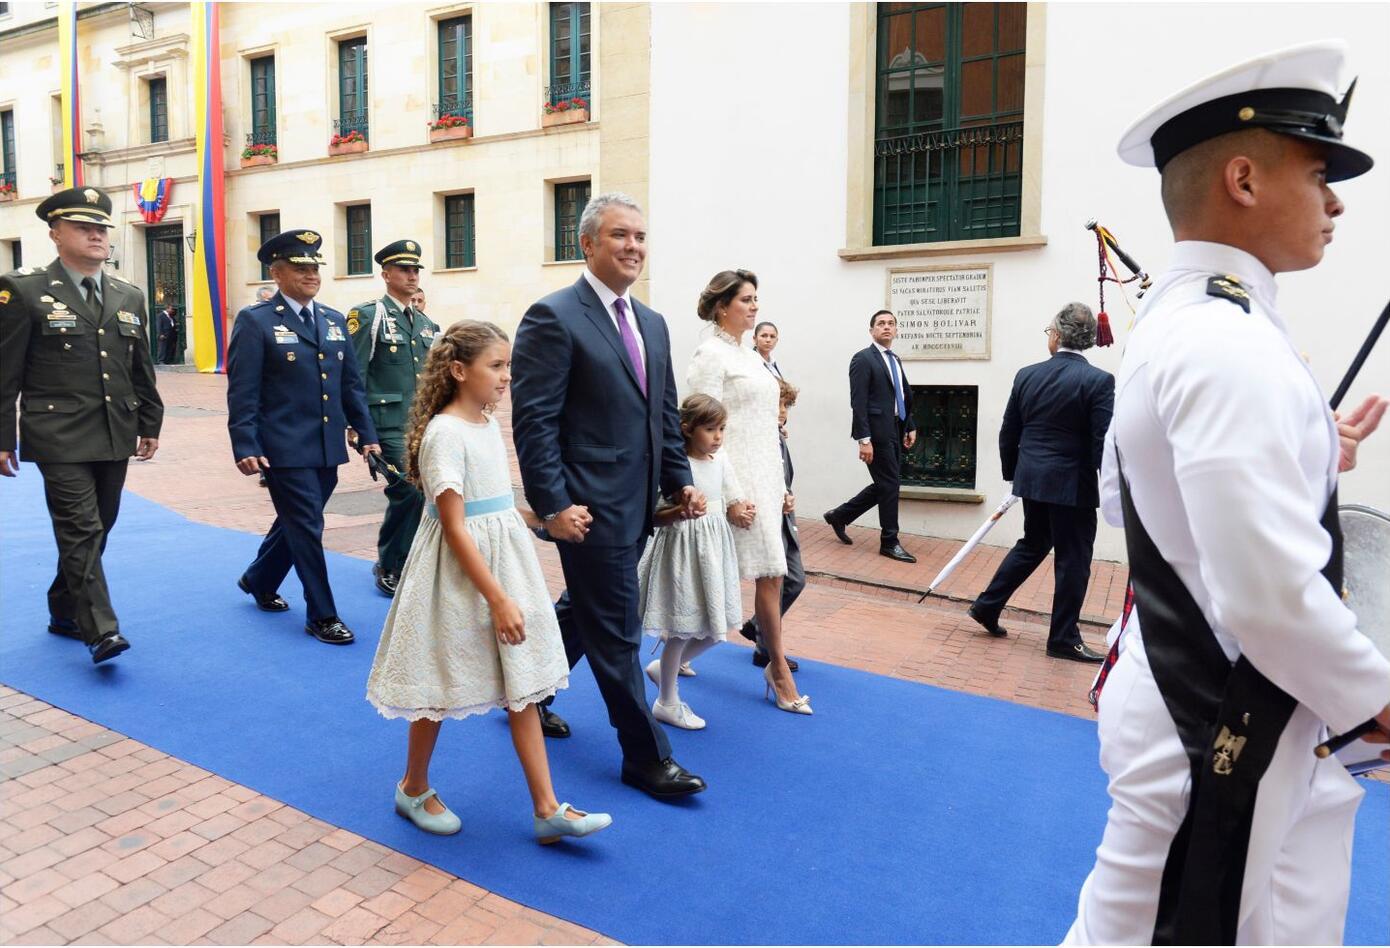 Iván Duque argumentó hace meses que, como cualquierciudadano común y corriente, podía salir a trabajar en el Palacio luego regresar hacia su apartamento en el norte de Bogotá.